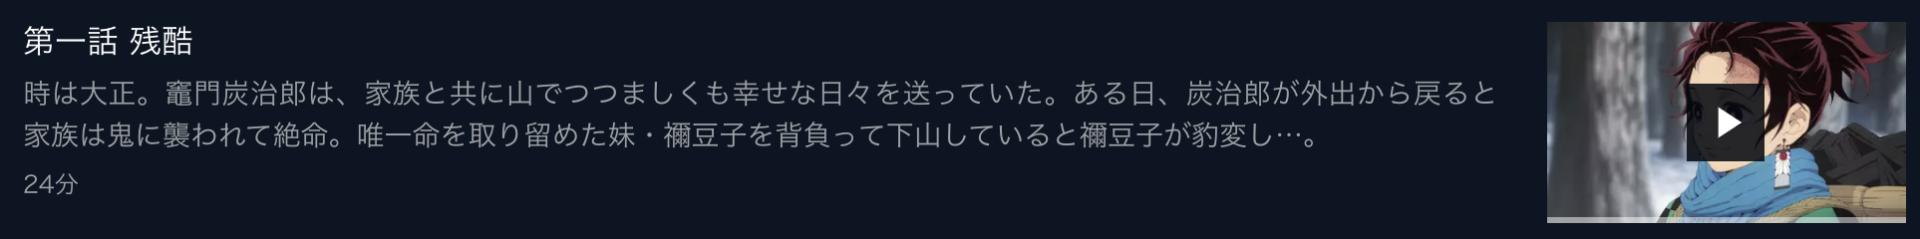 鬼滅の刃アニメ